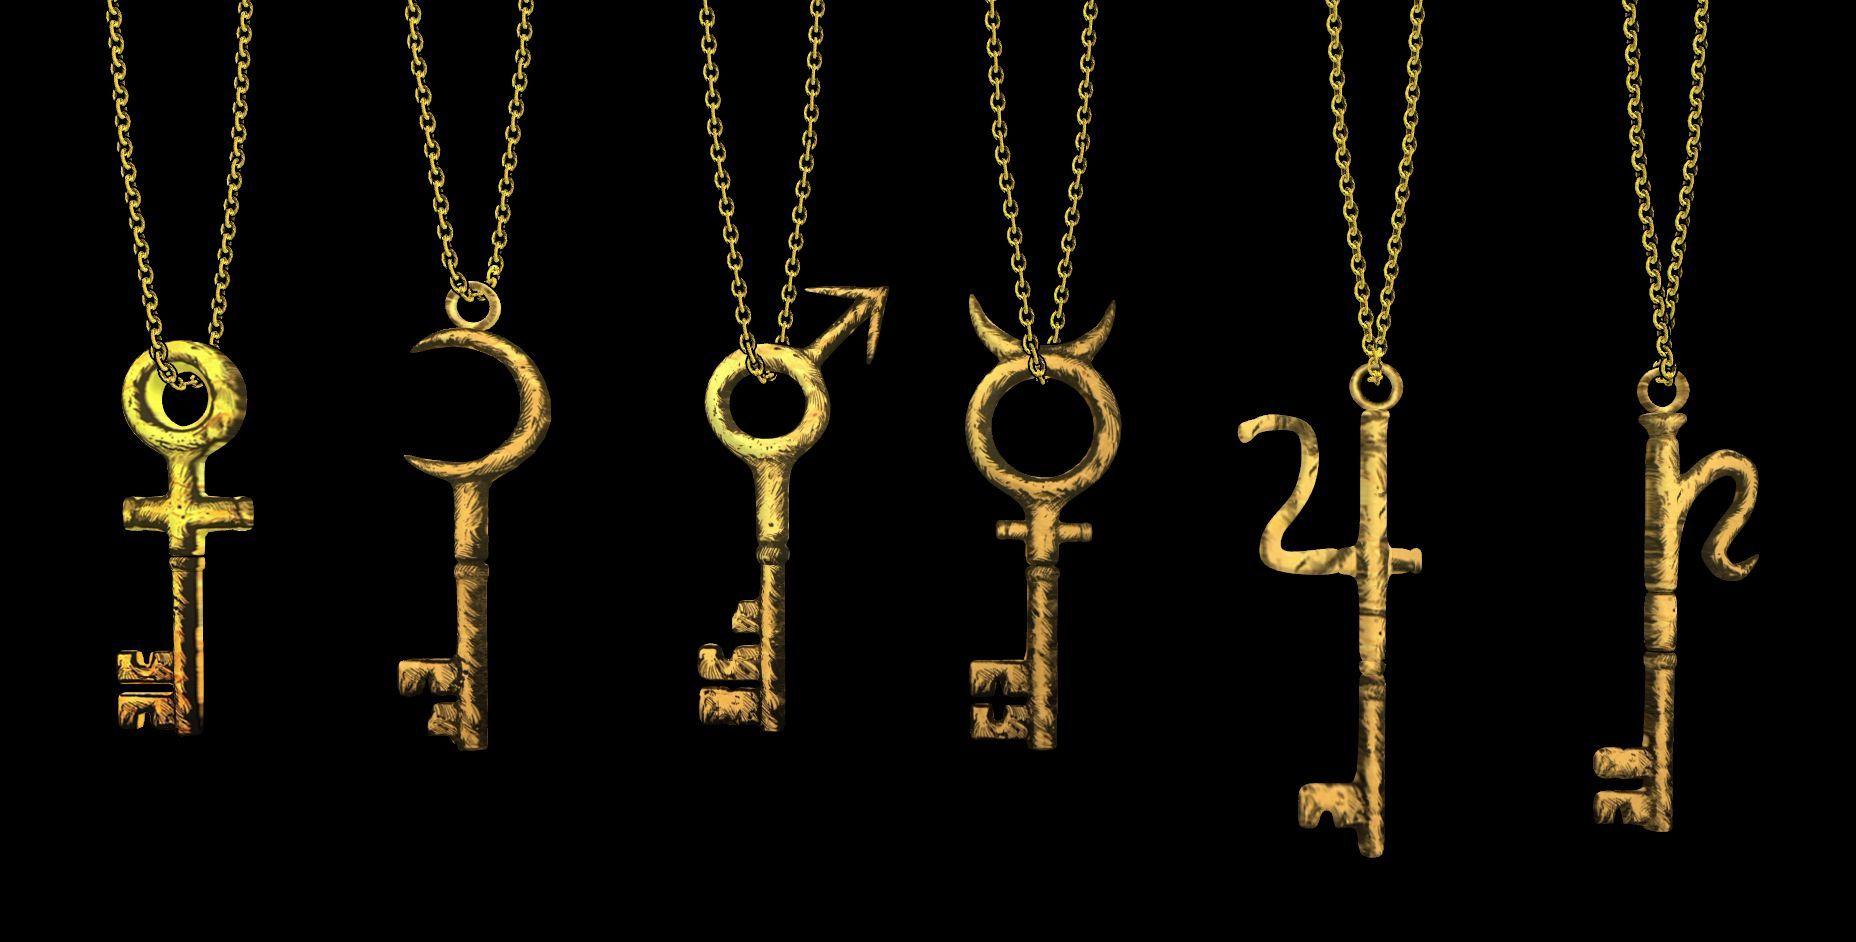 (Última pregunta, ¿Nervioso?) ¿Cuál de estas llaves abre la puerta de la habitación de la hermana de Alice?